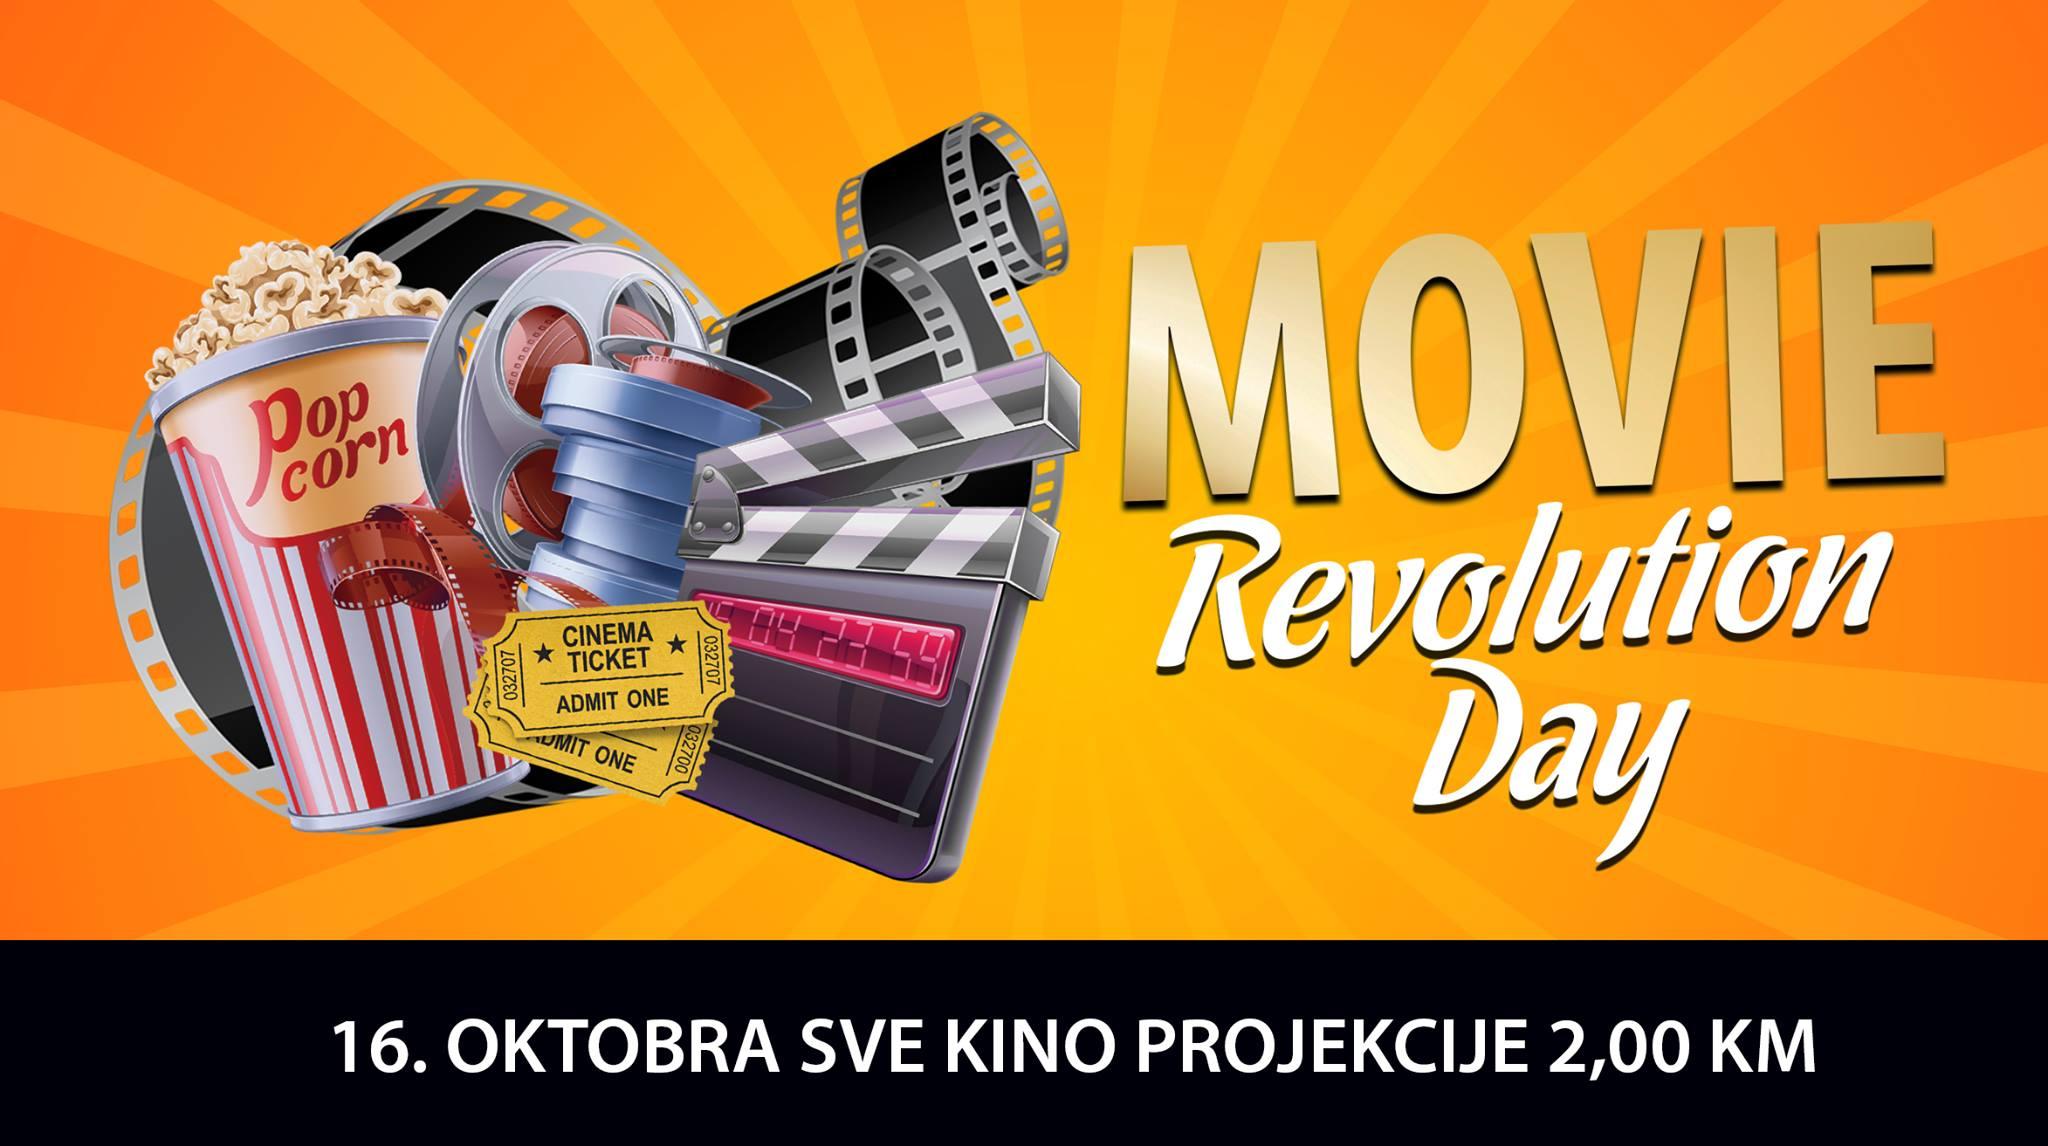 city slavi rođendan Cinema City slavi 9. rođendan: 16. oktobra Movie Revolution Day  city slavi rođendan